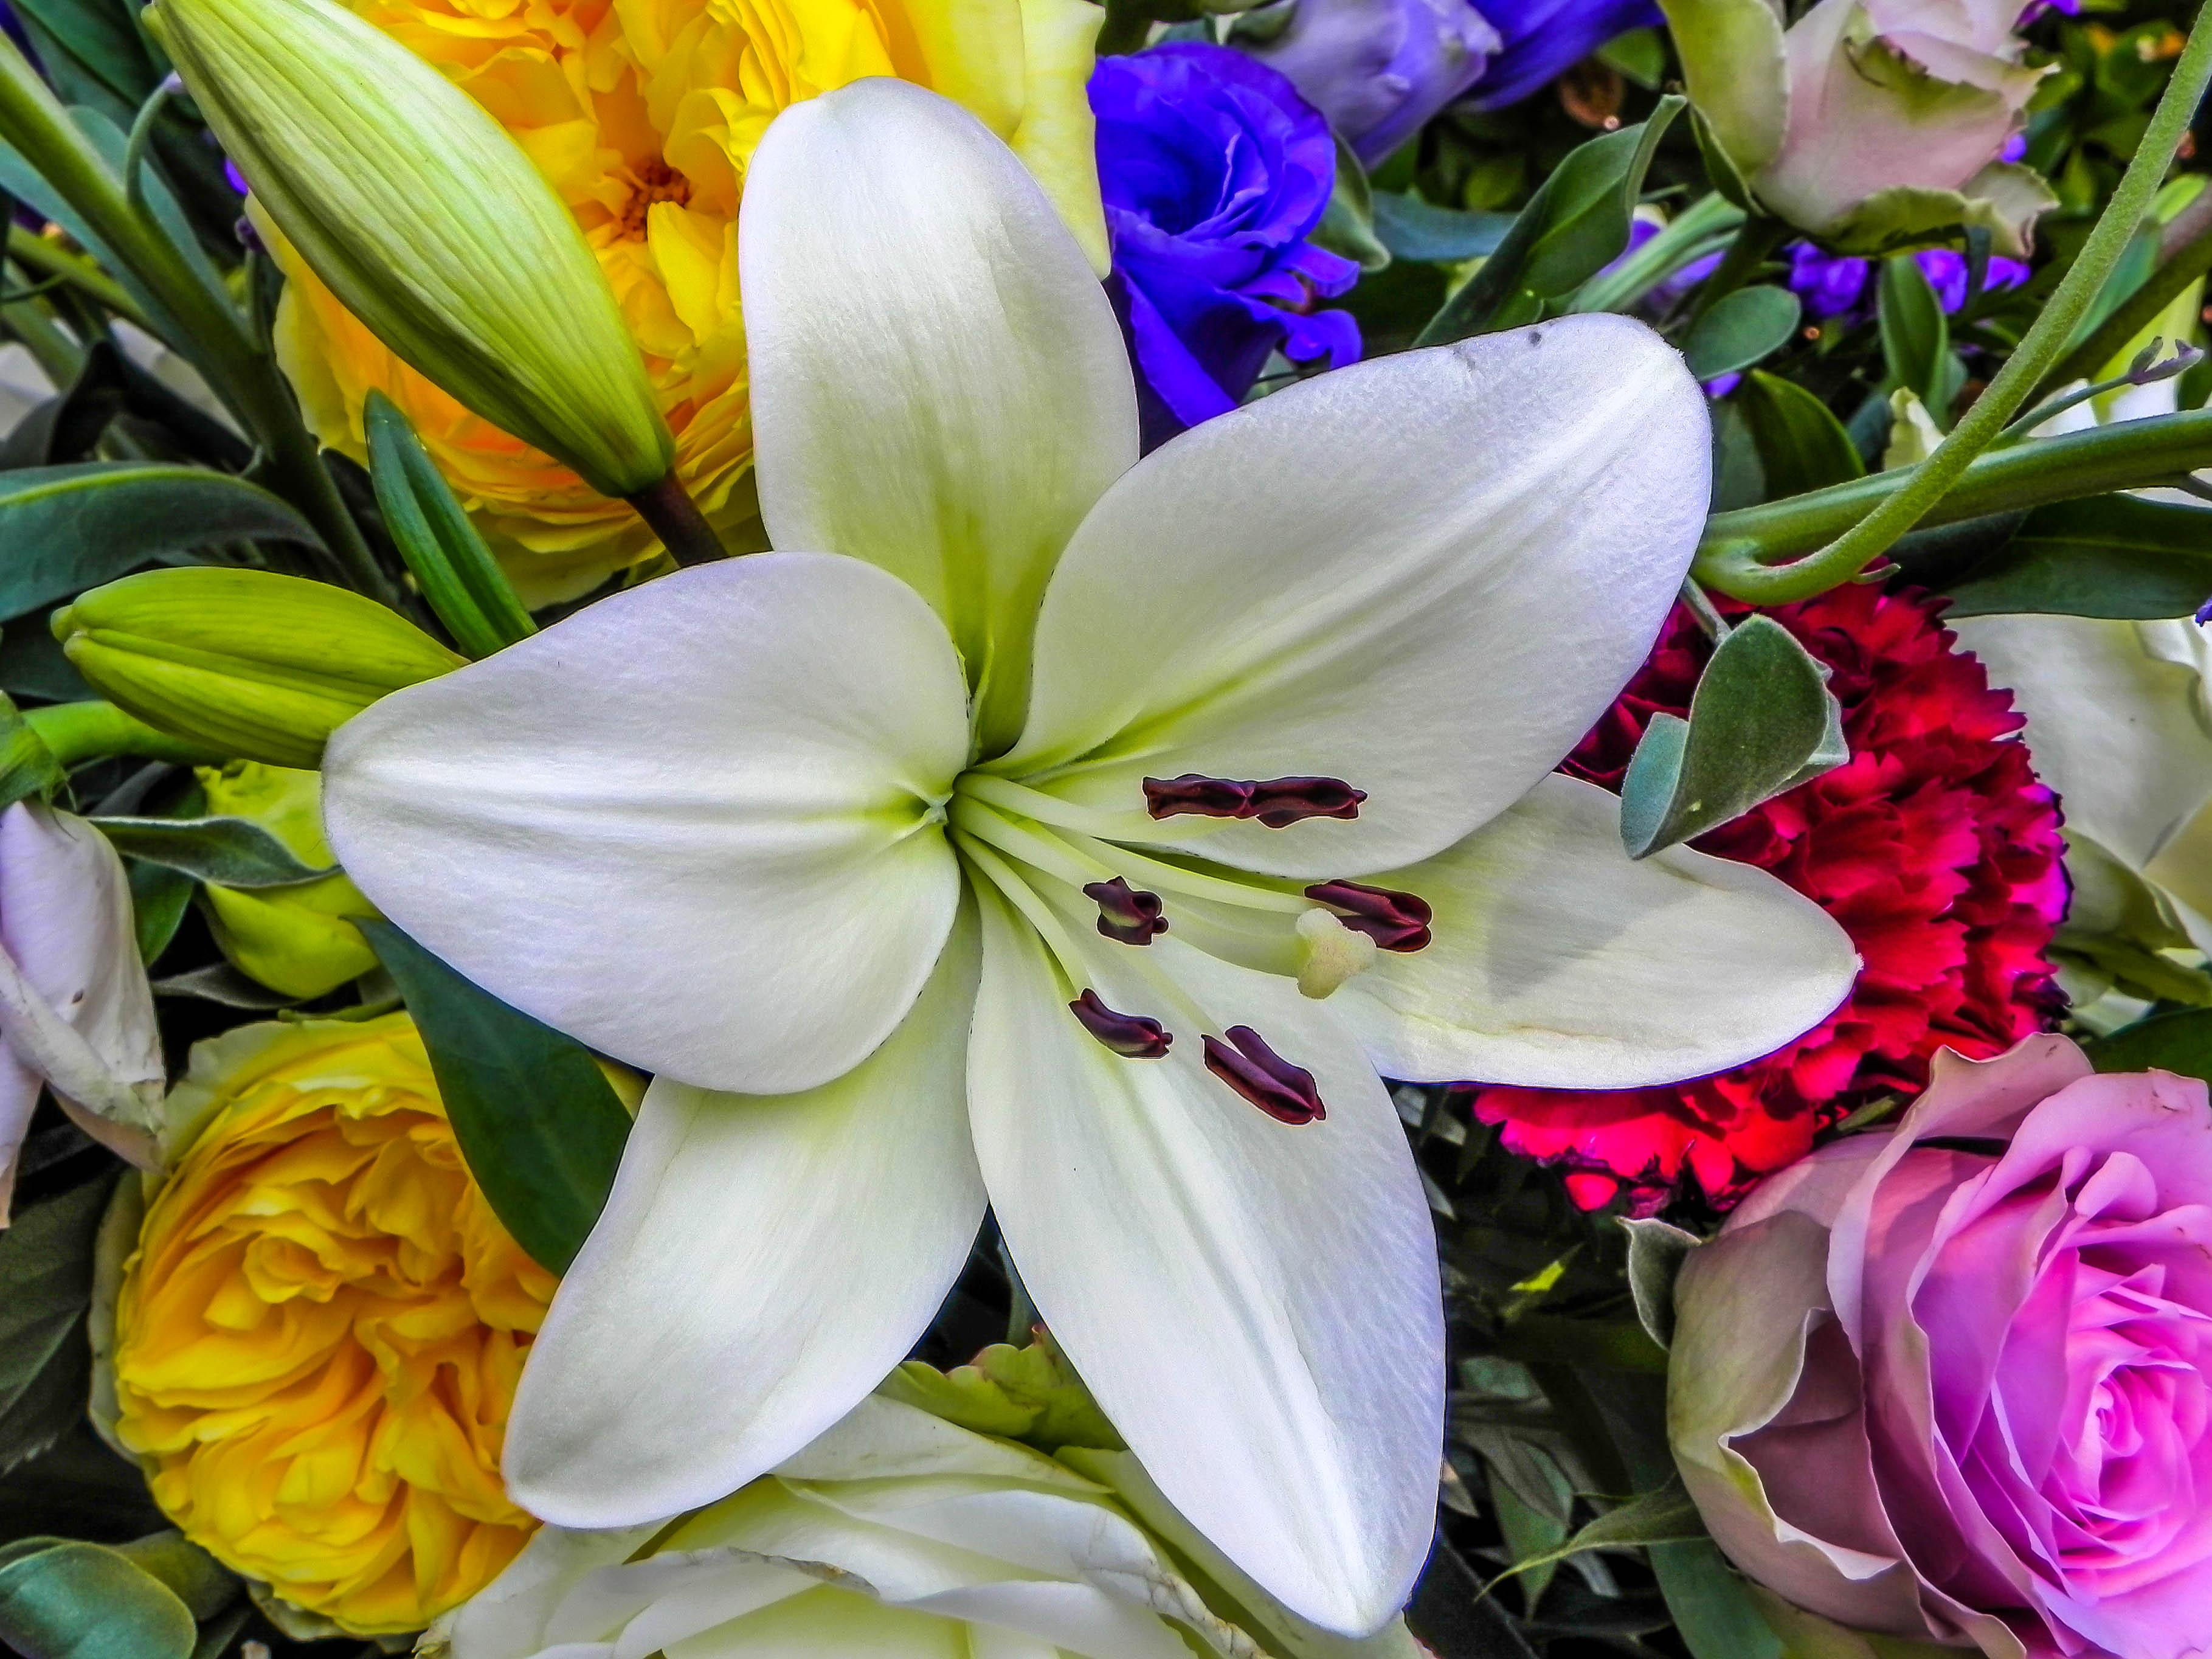 расположен цветы лилии огромный букет картинки представляет собой мини